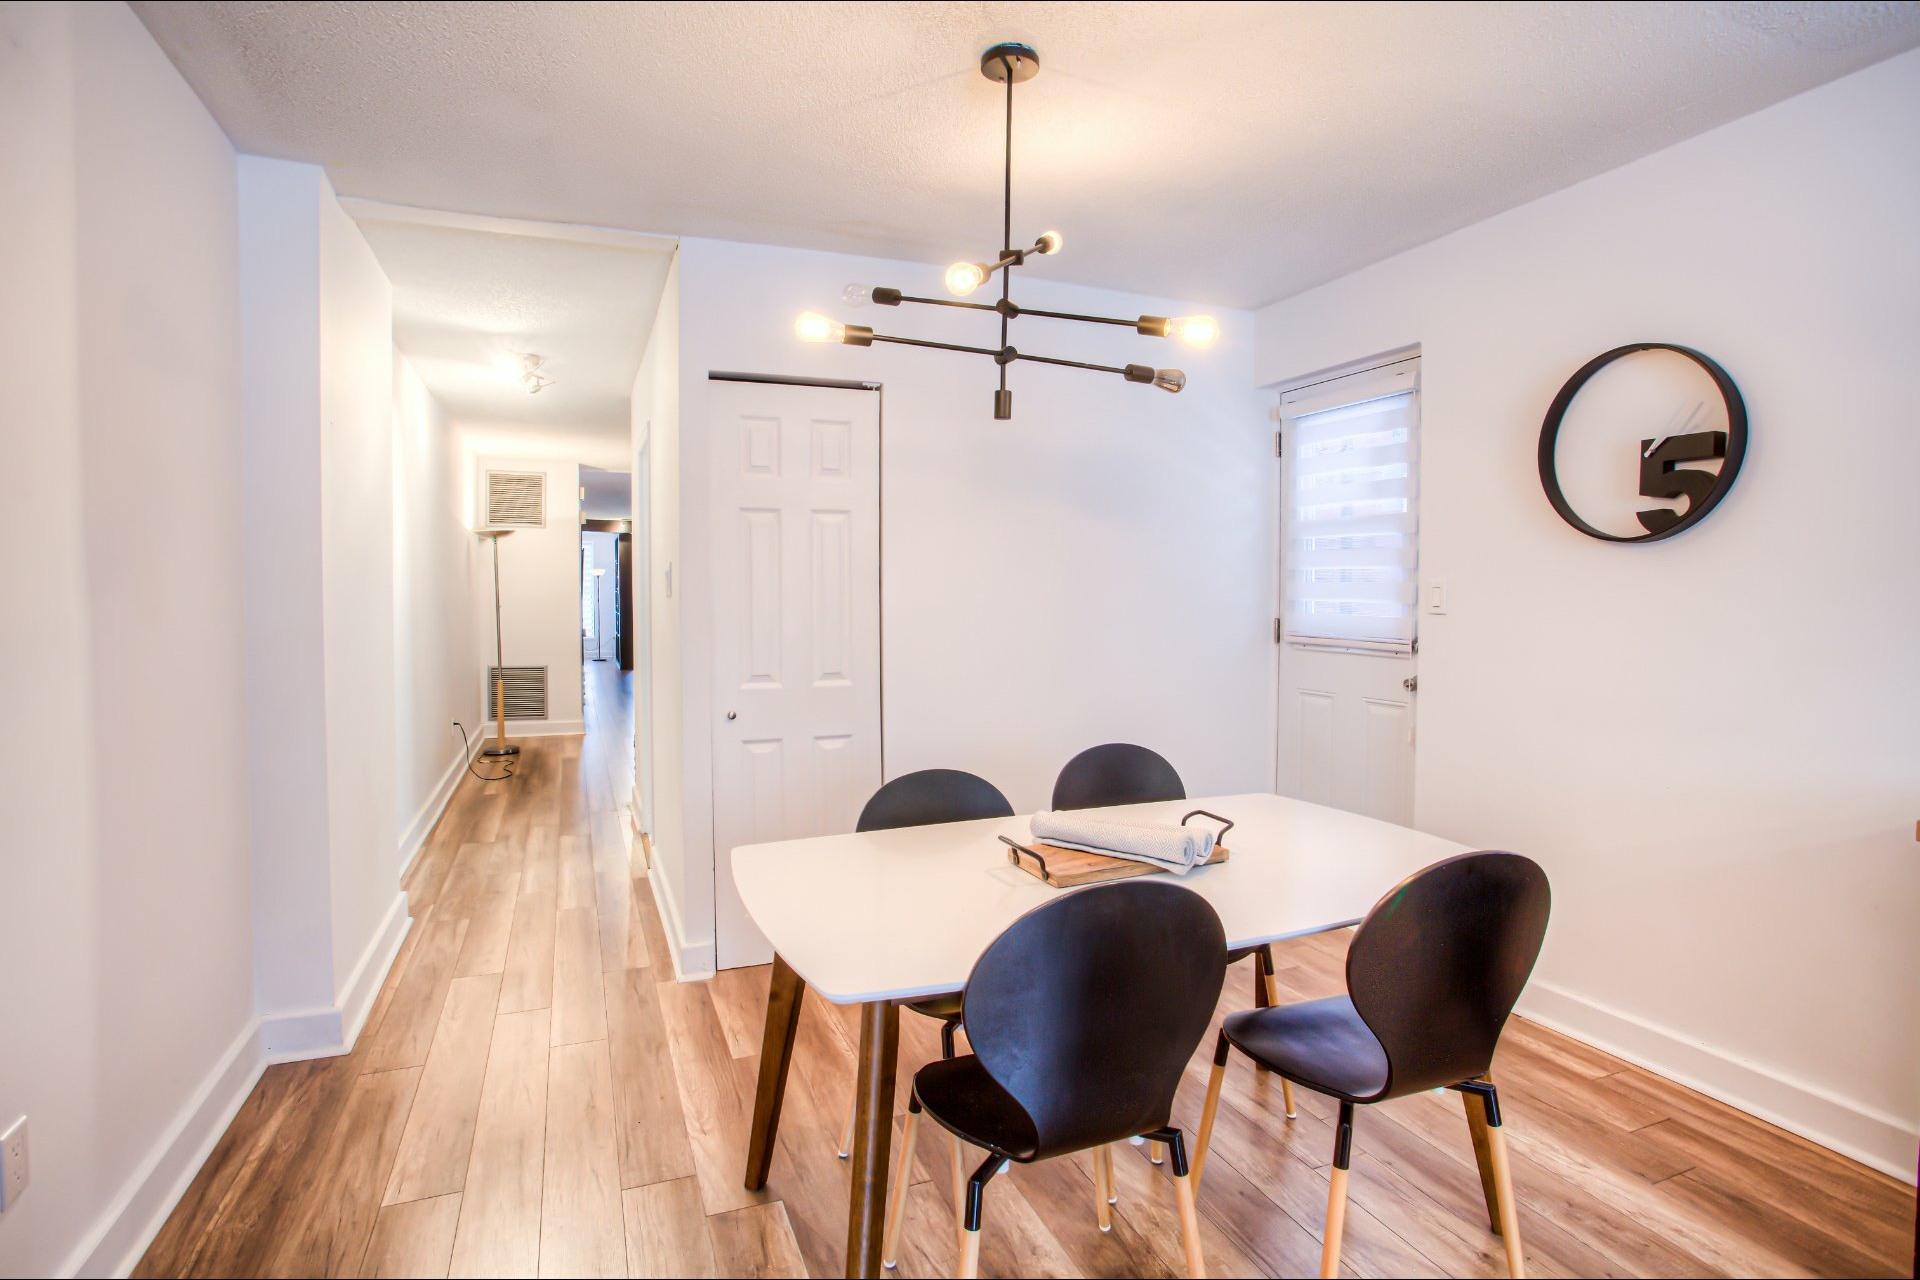 image 17 - Appartement À vendre Le Plateau-Mont-Royal Montréal  - 7 pièces